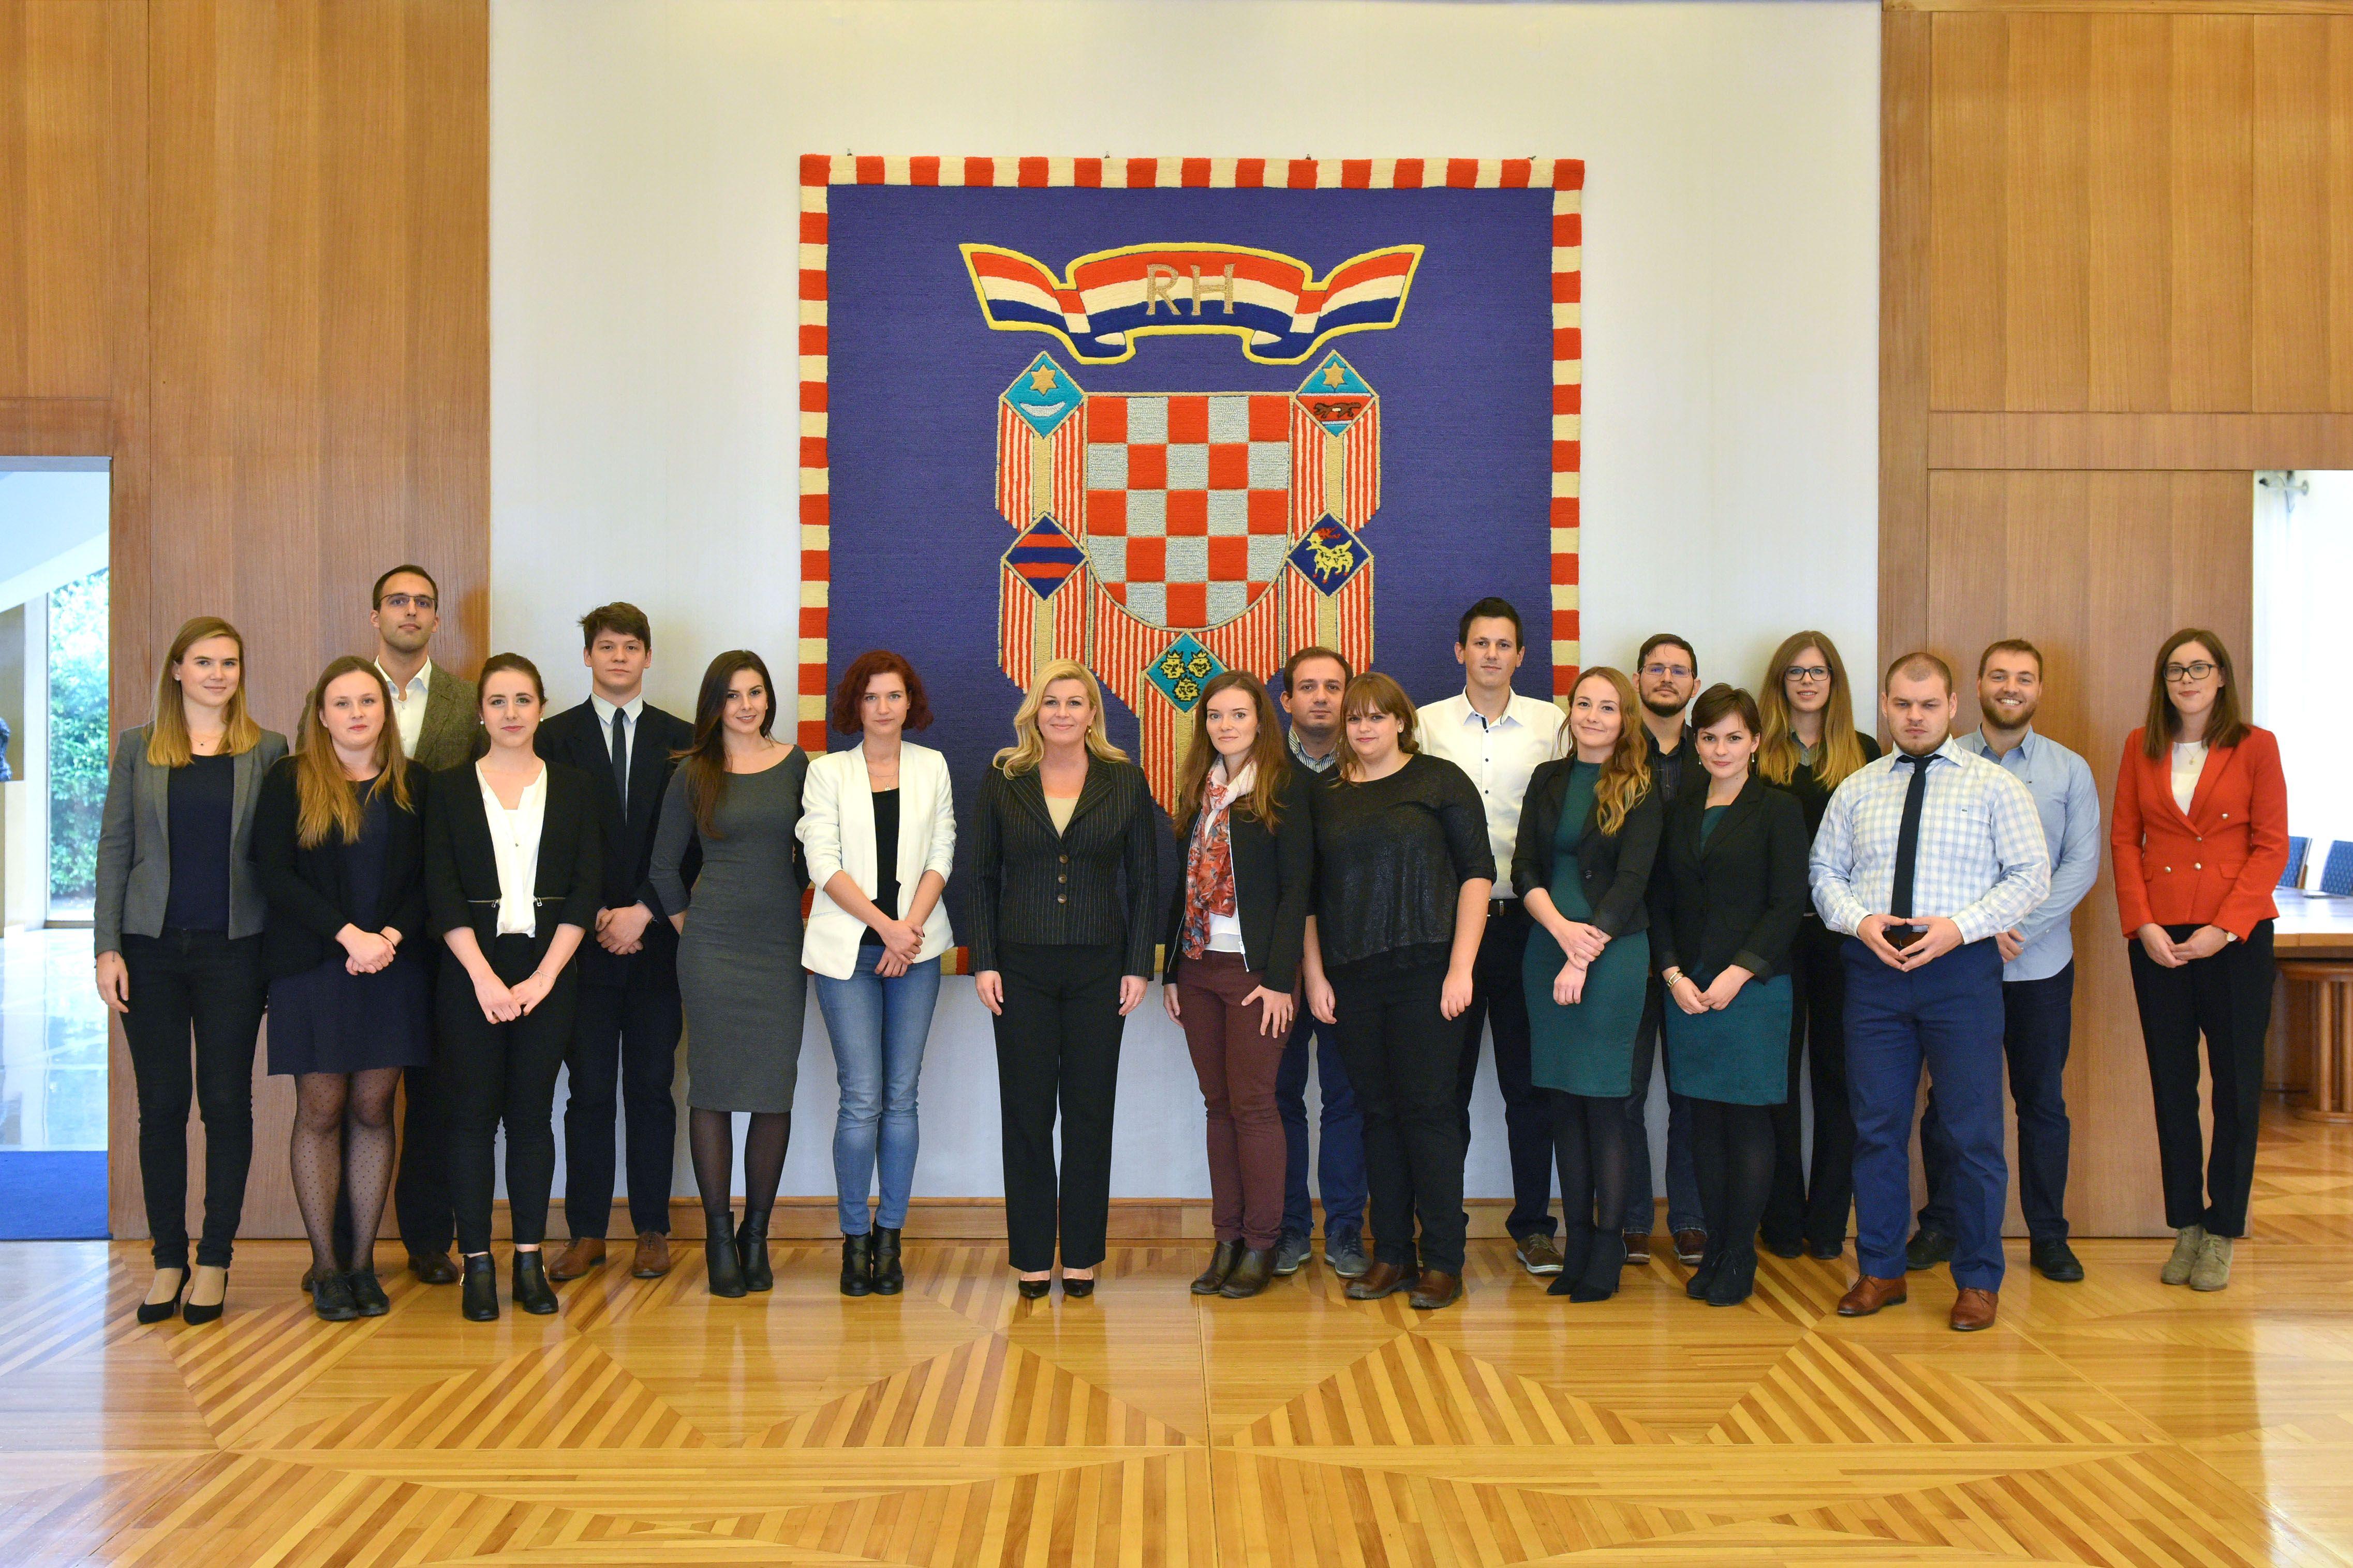 Predsjednica RH i 18 svjetsko-hrvatskih mladih (foto Ured predsjednice)